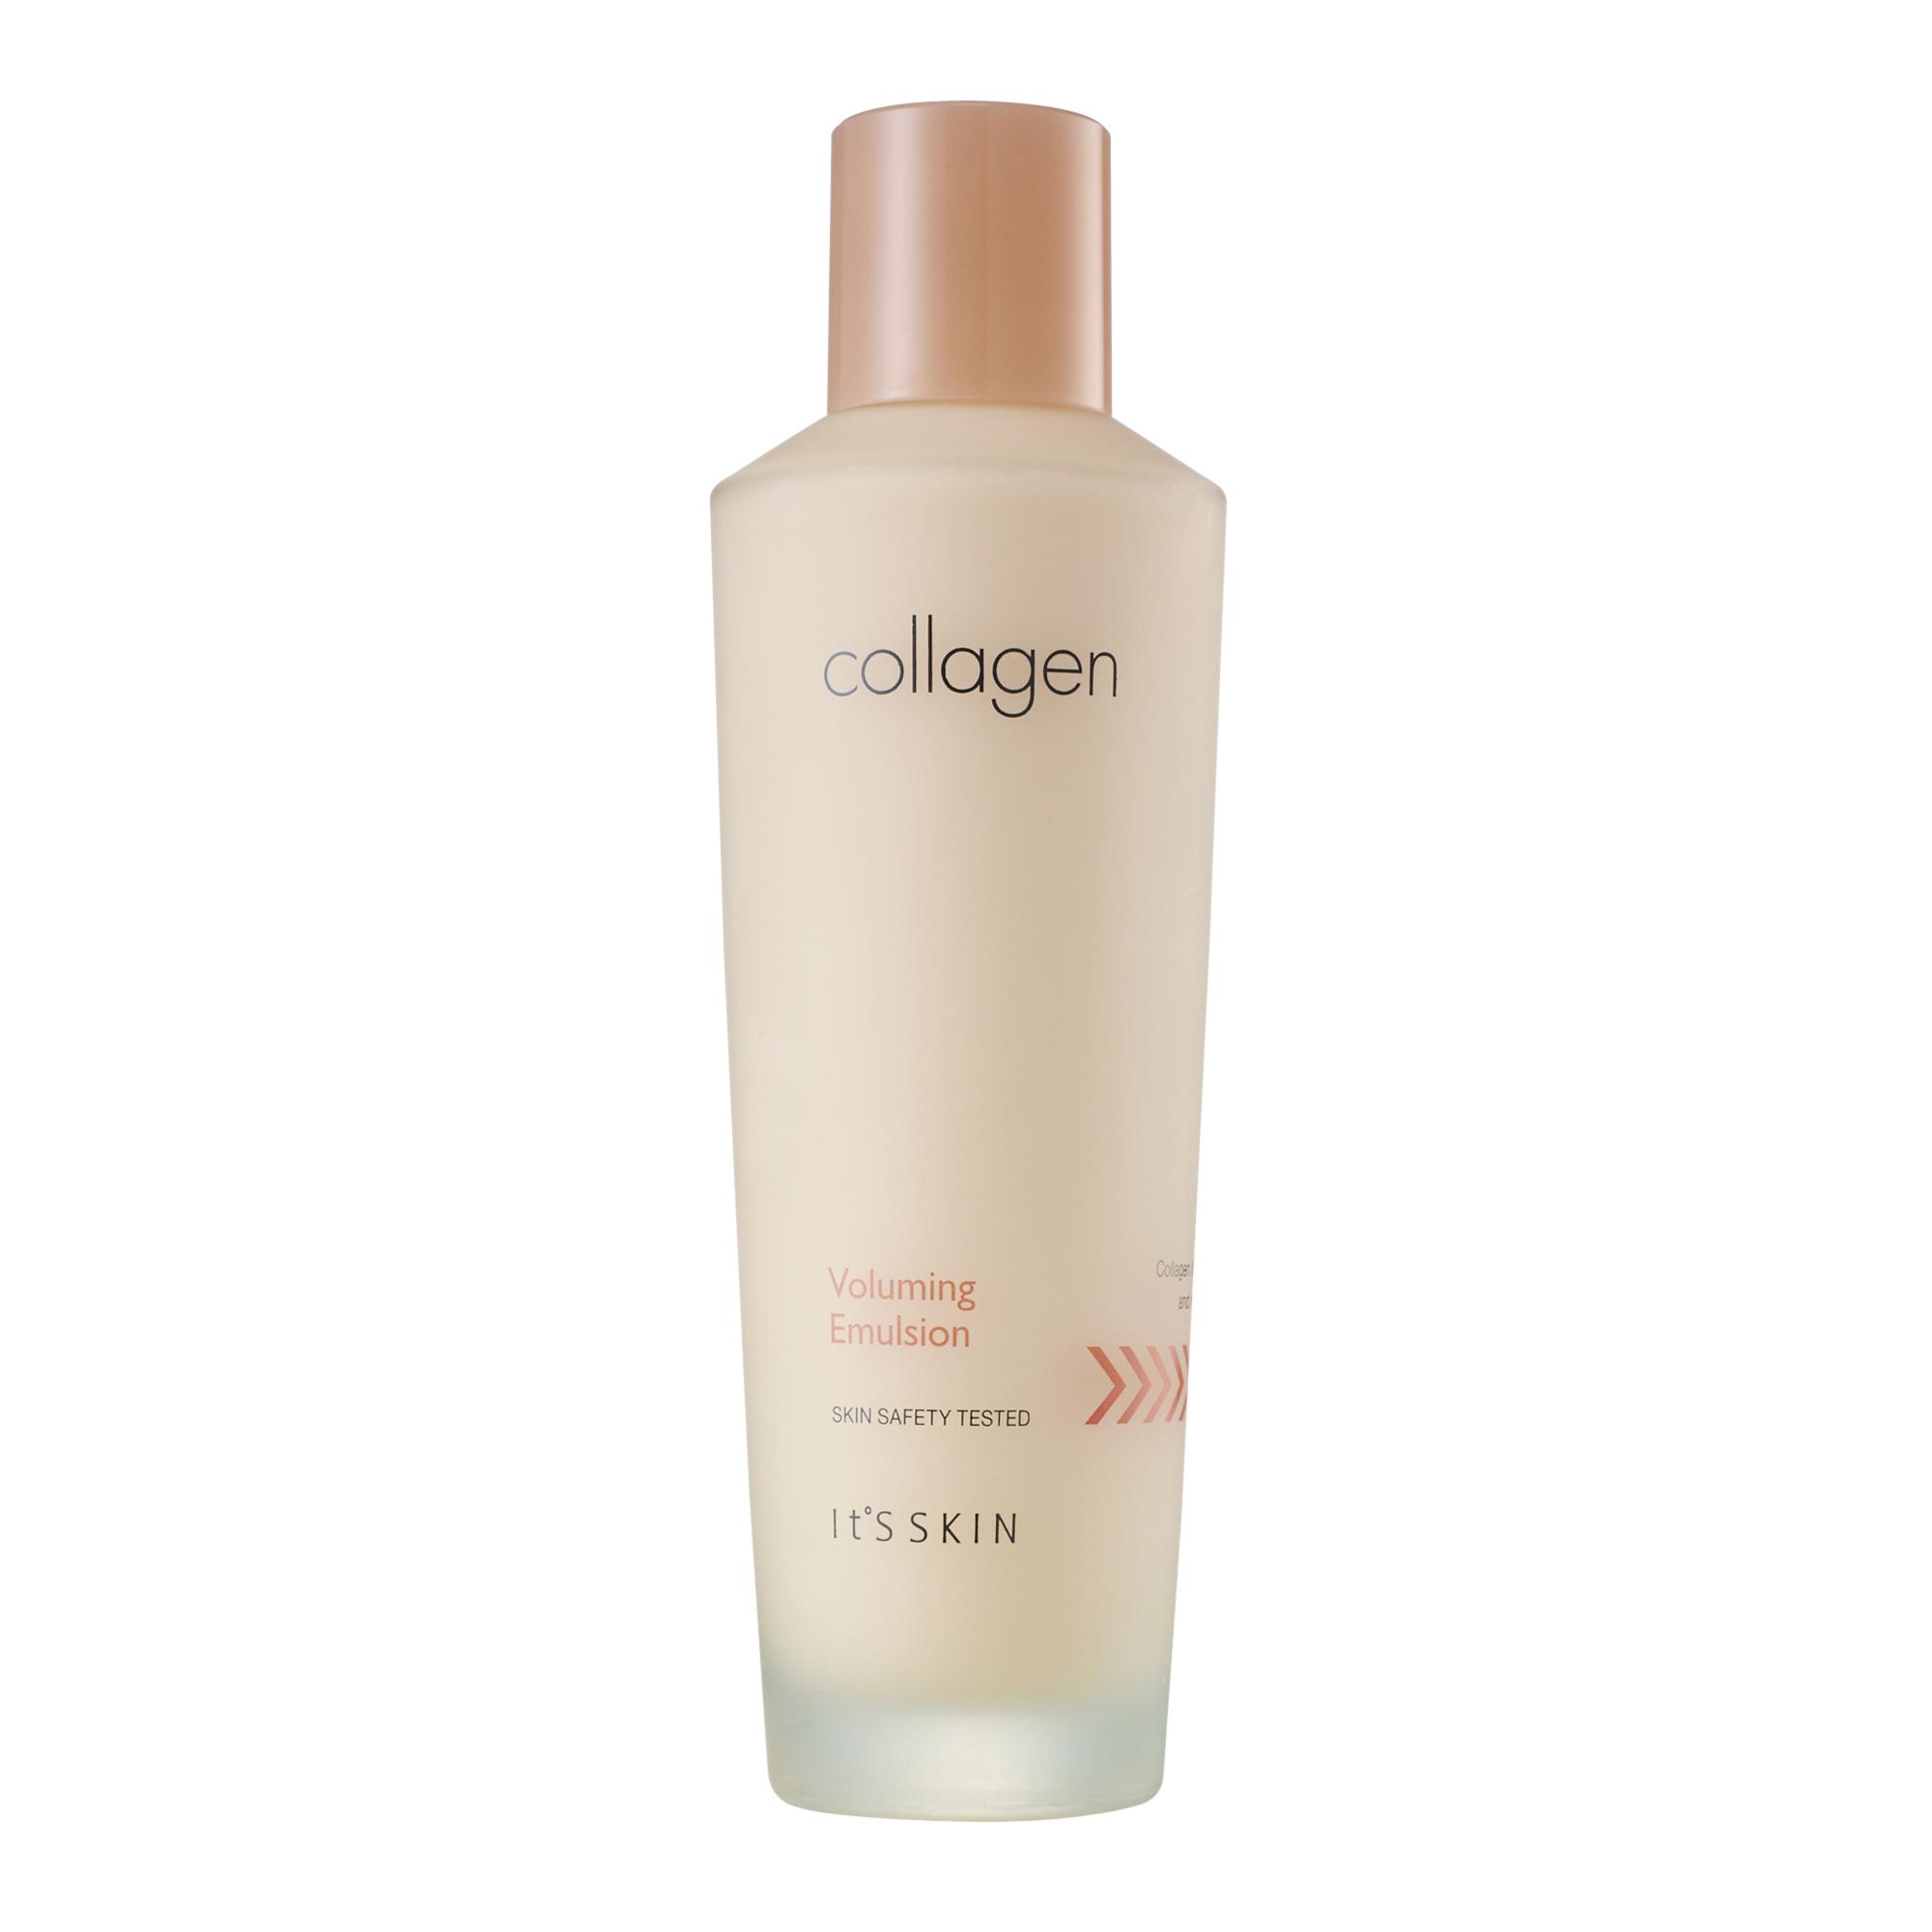 Collagen Voluming Emulsion